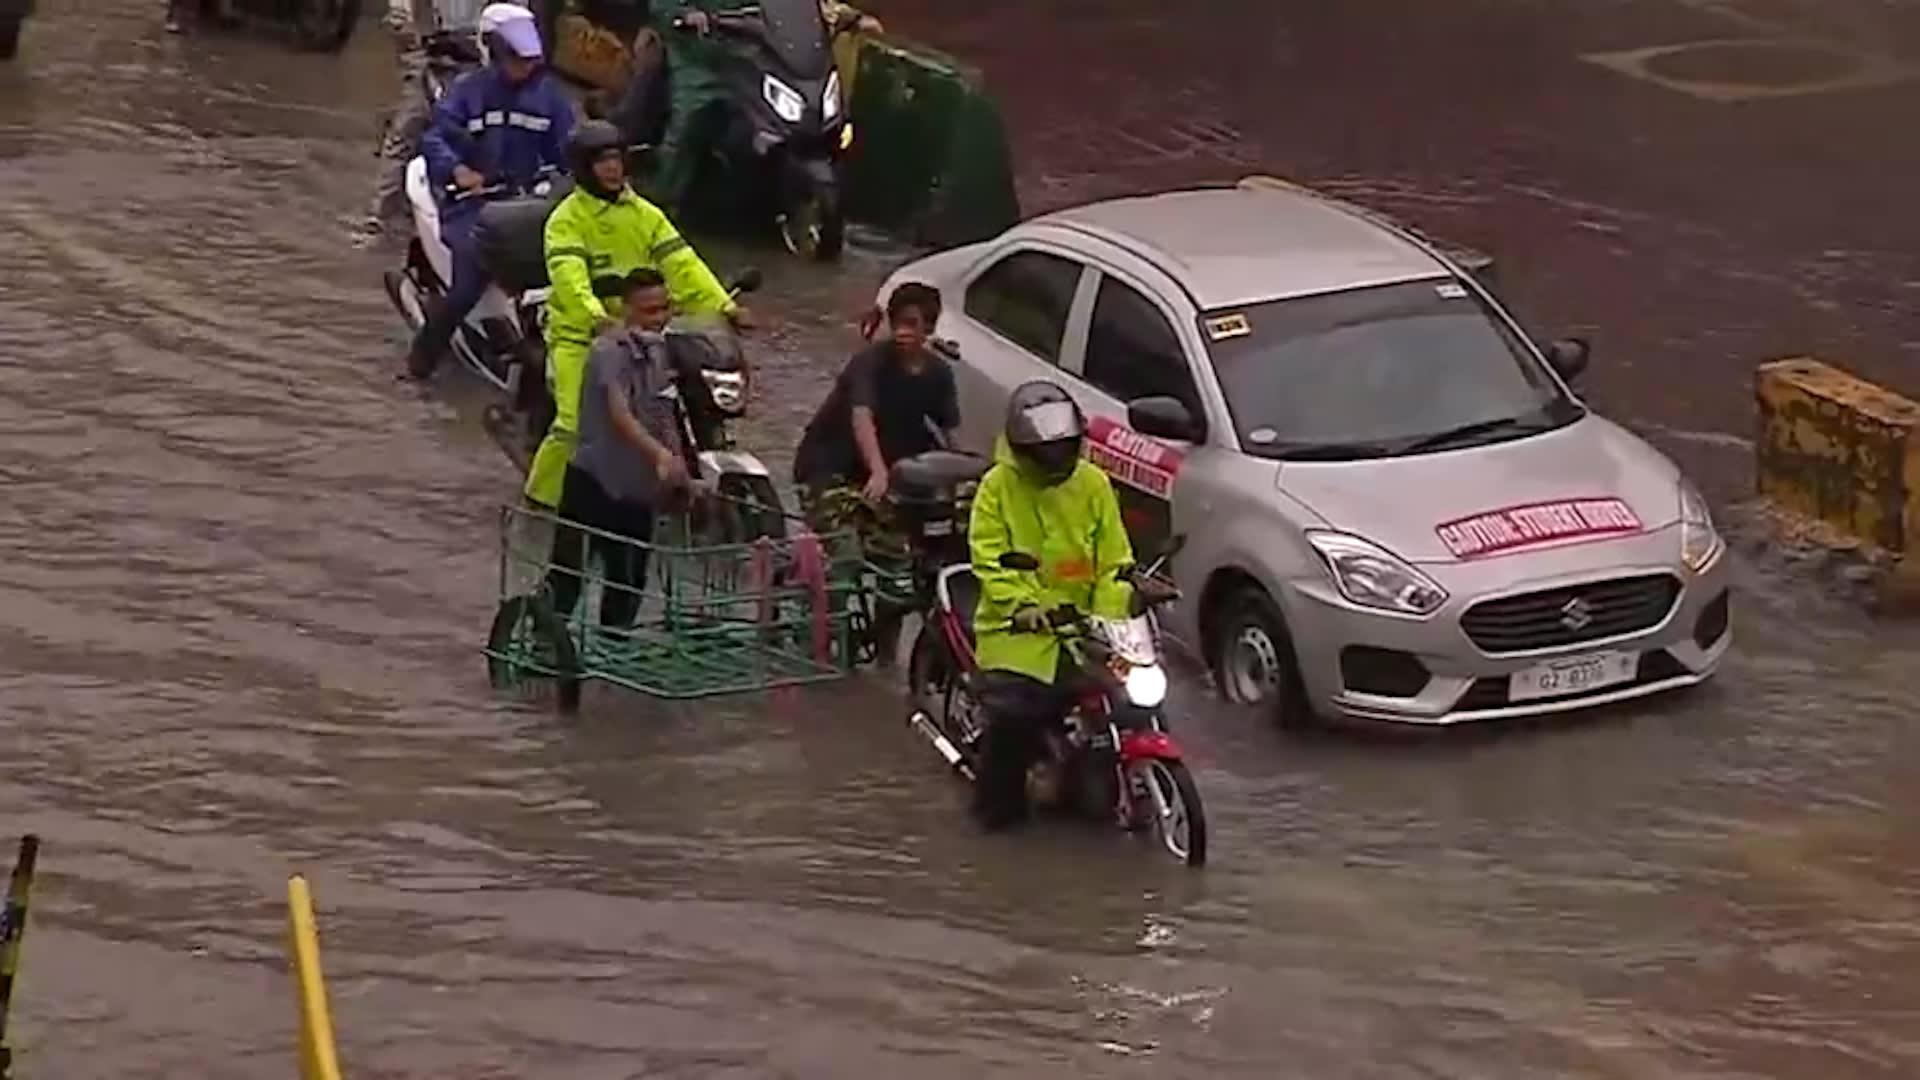 مصرع شخص ونزوح الآلاف بعد فيضانات هائلة بالفلبين